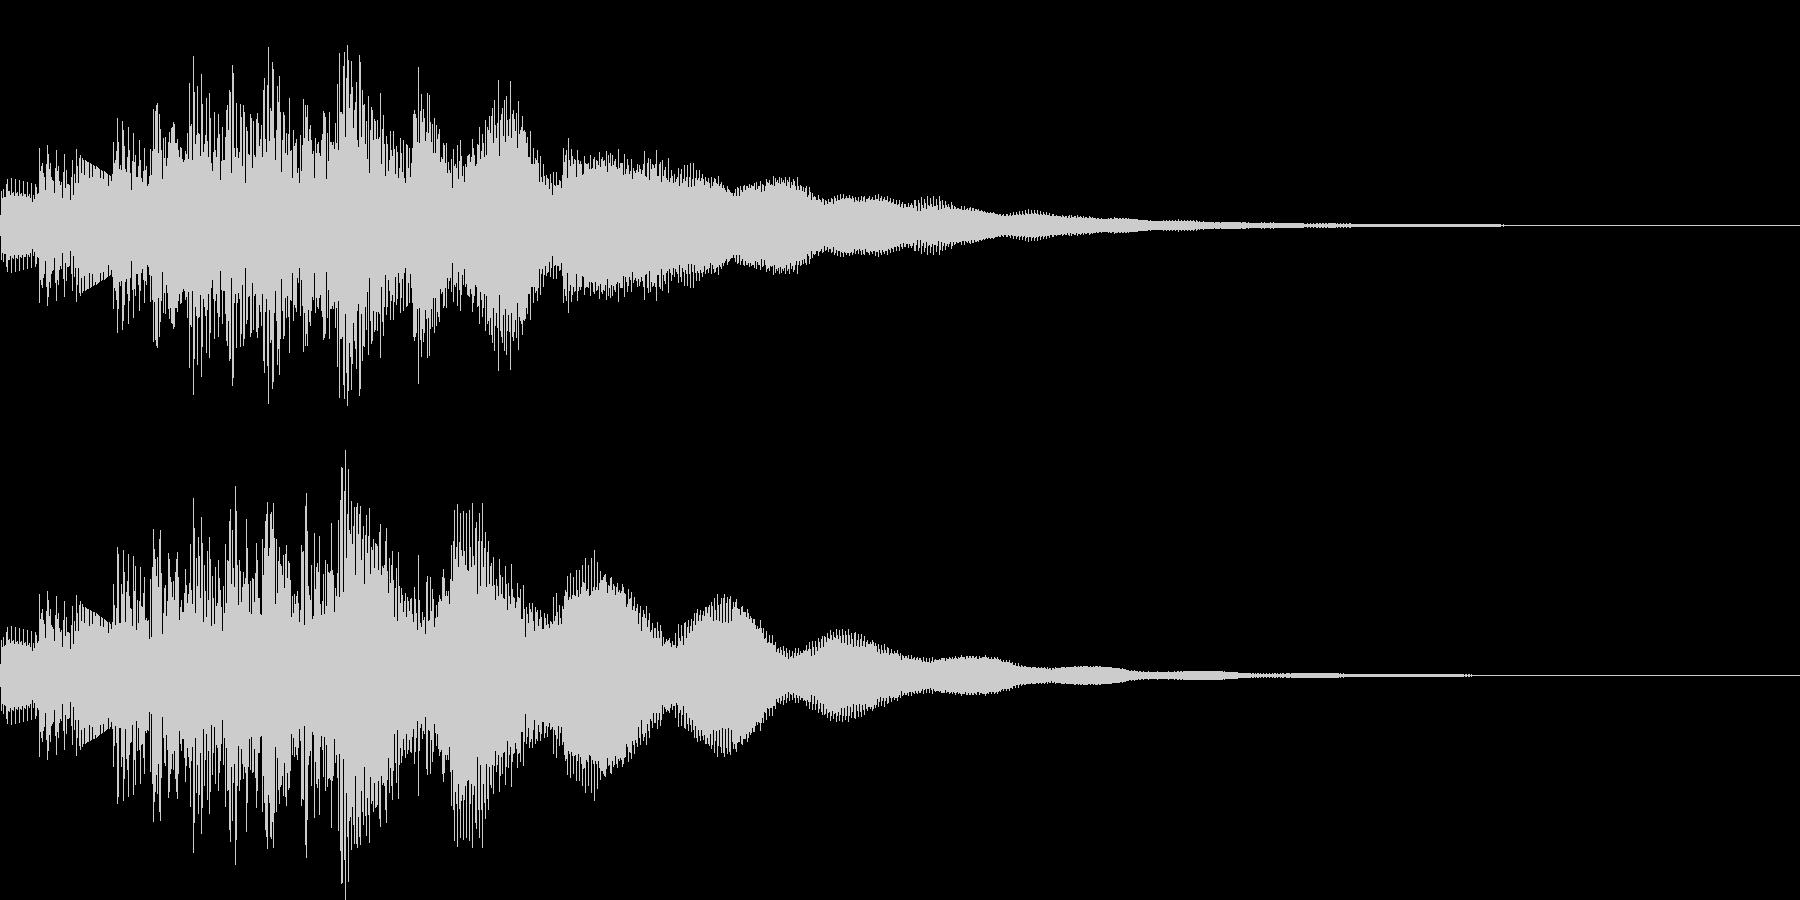 システム音の未再生の波形